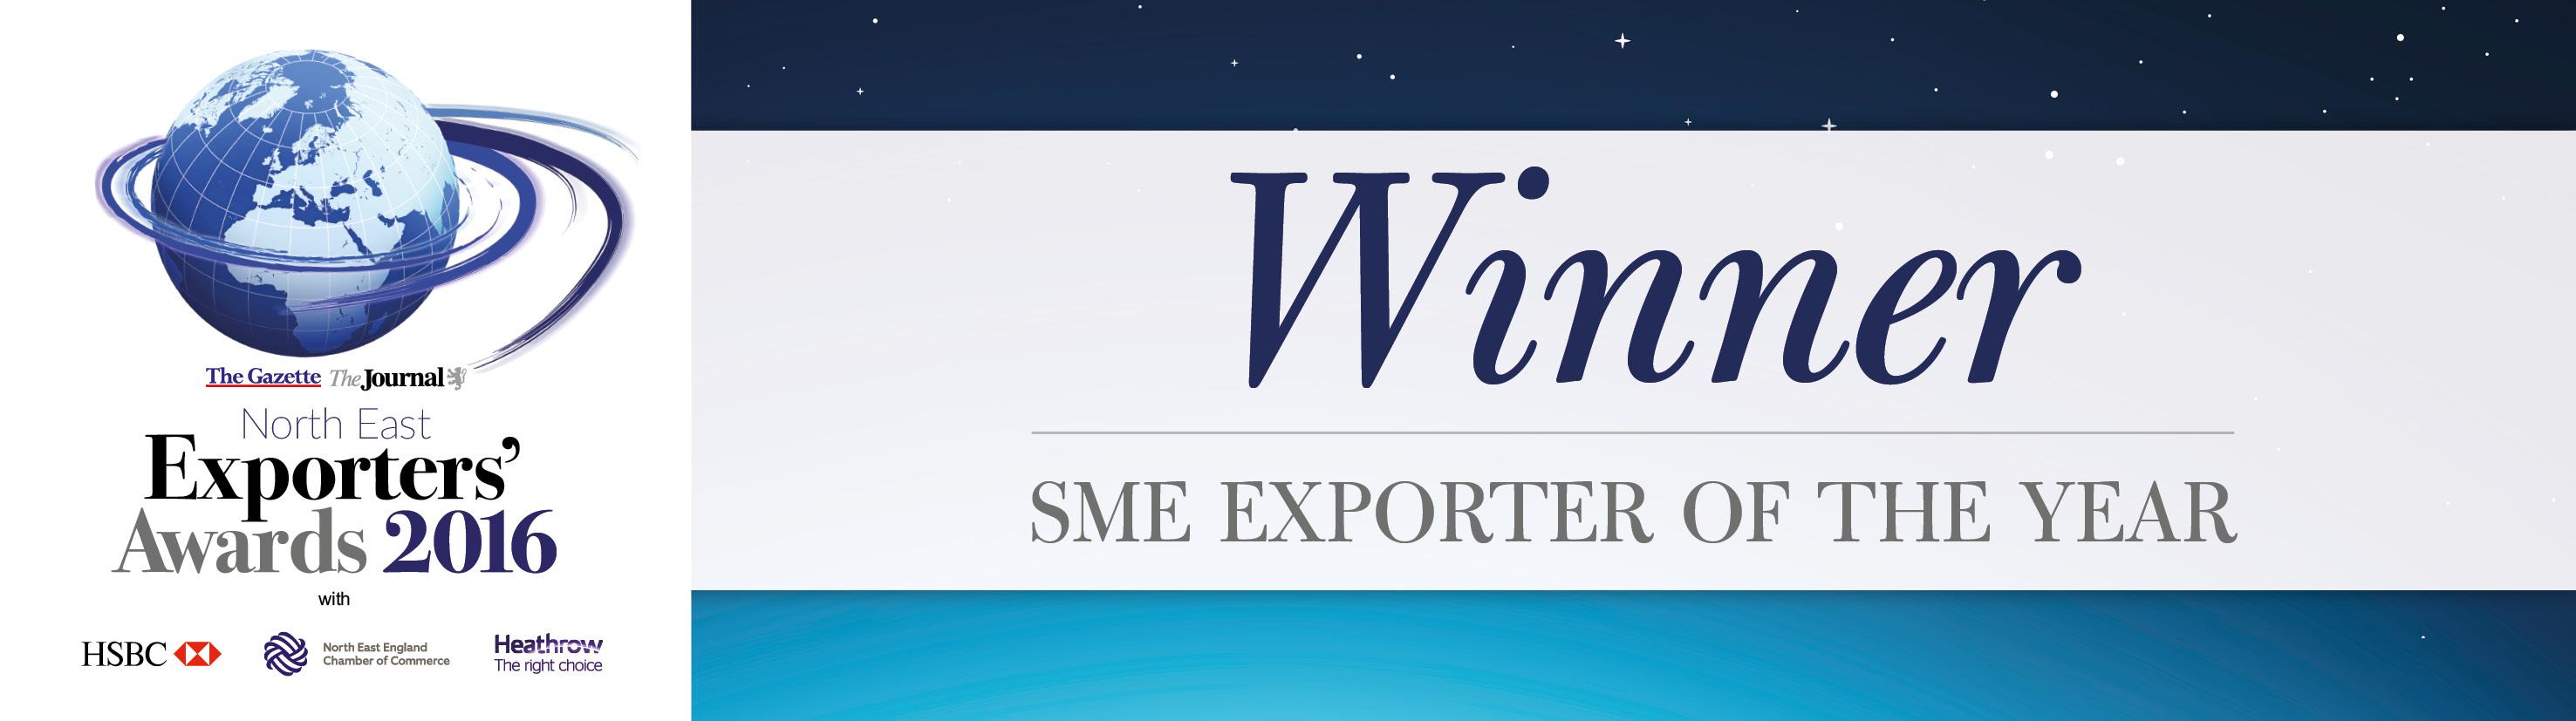 winner-sme-exporter